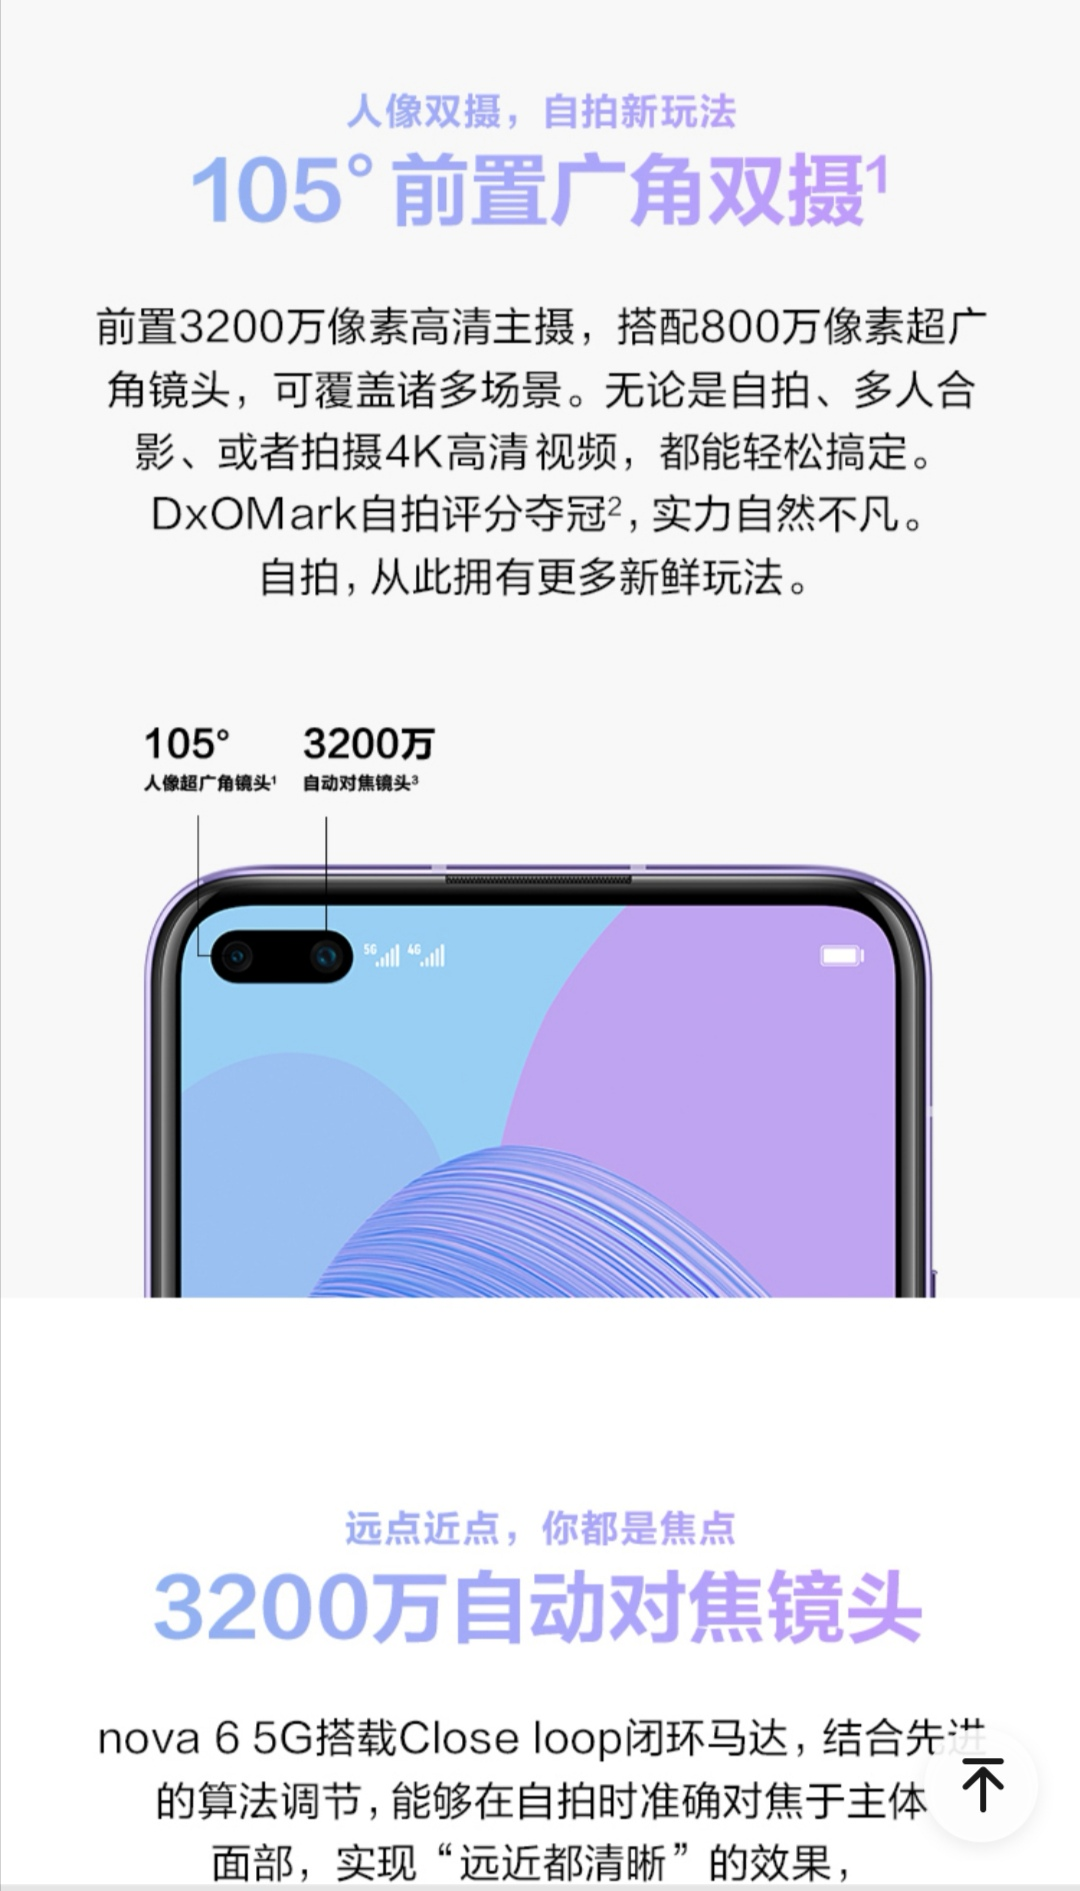 Screenshot_20200227_124345.jpg